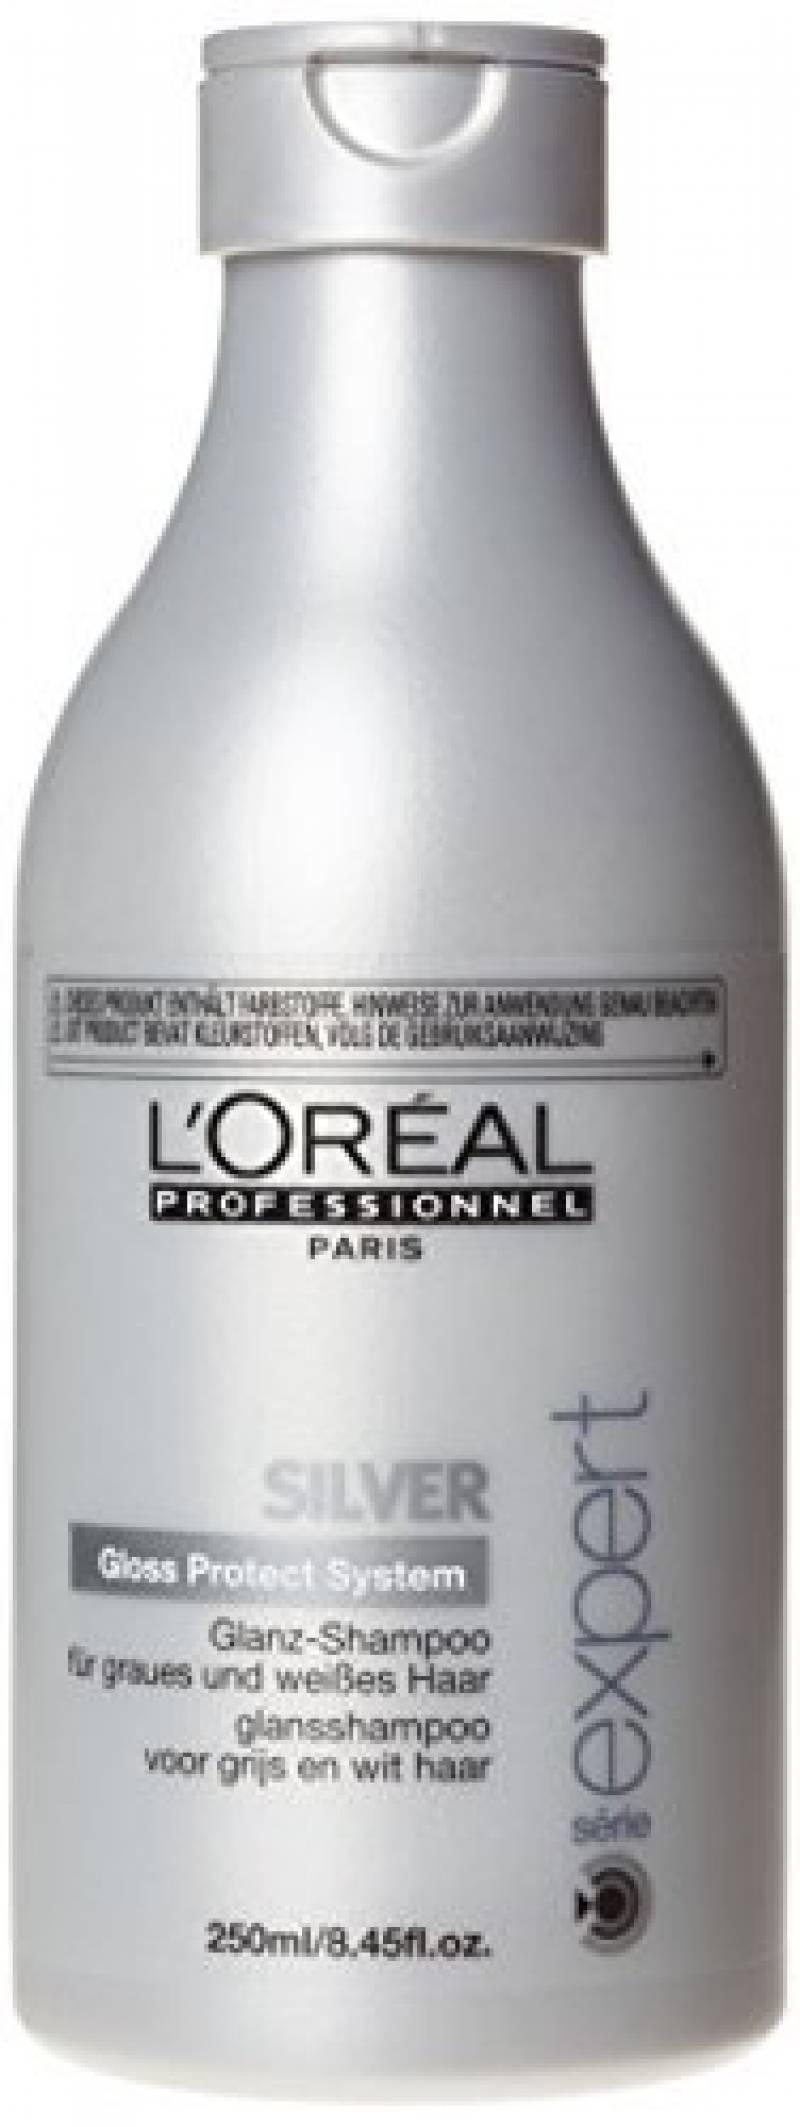 L'Oréal Professionnel - Shampooing Eclat pour Cheveux Gris et Blancs - Silver - 250ml de la marque L'Oréal Professionnel TOP 11 image 0 produit